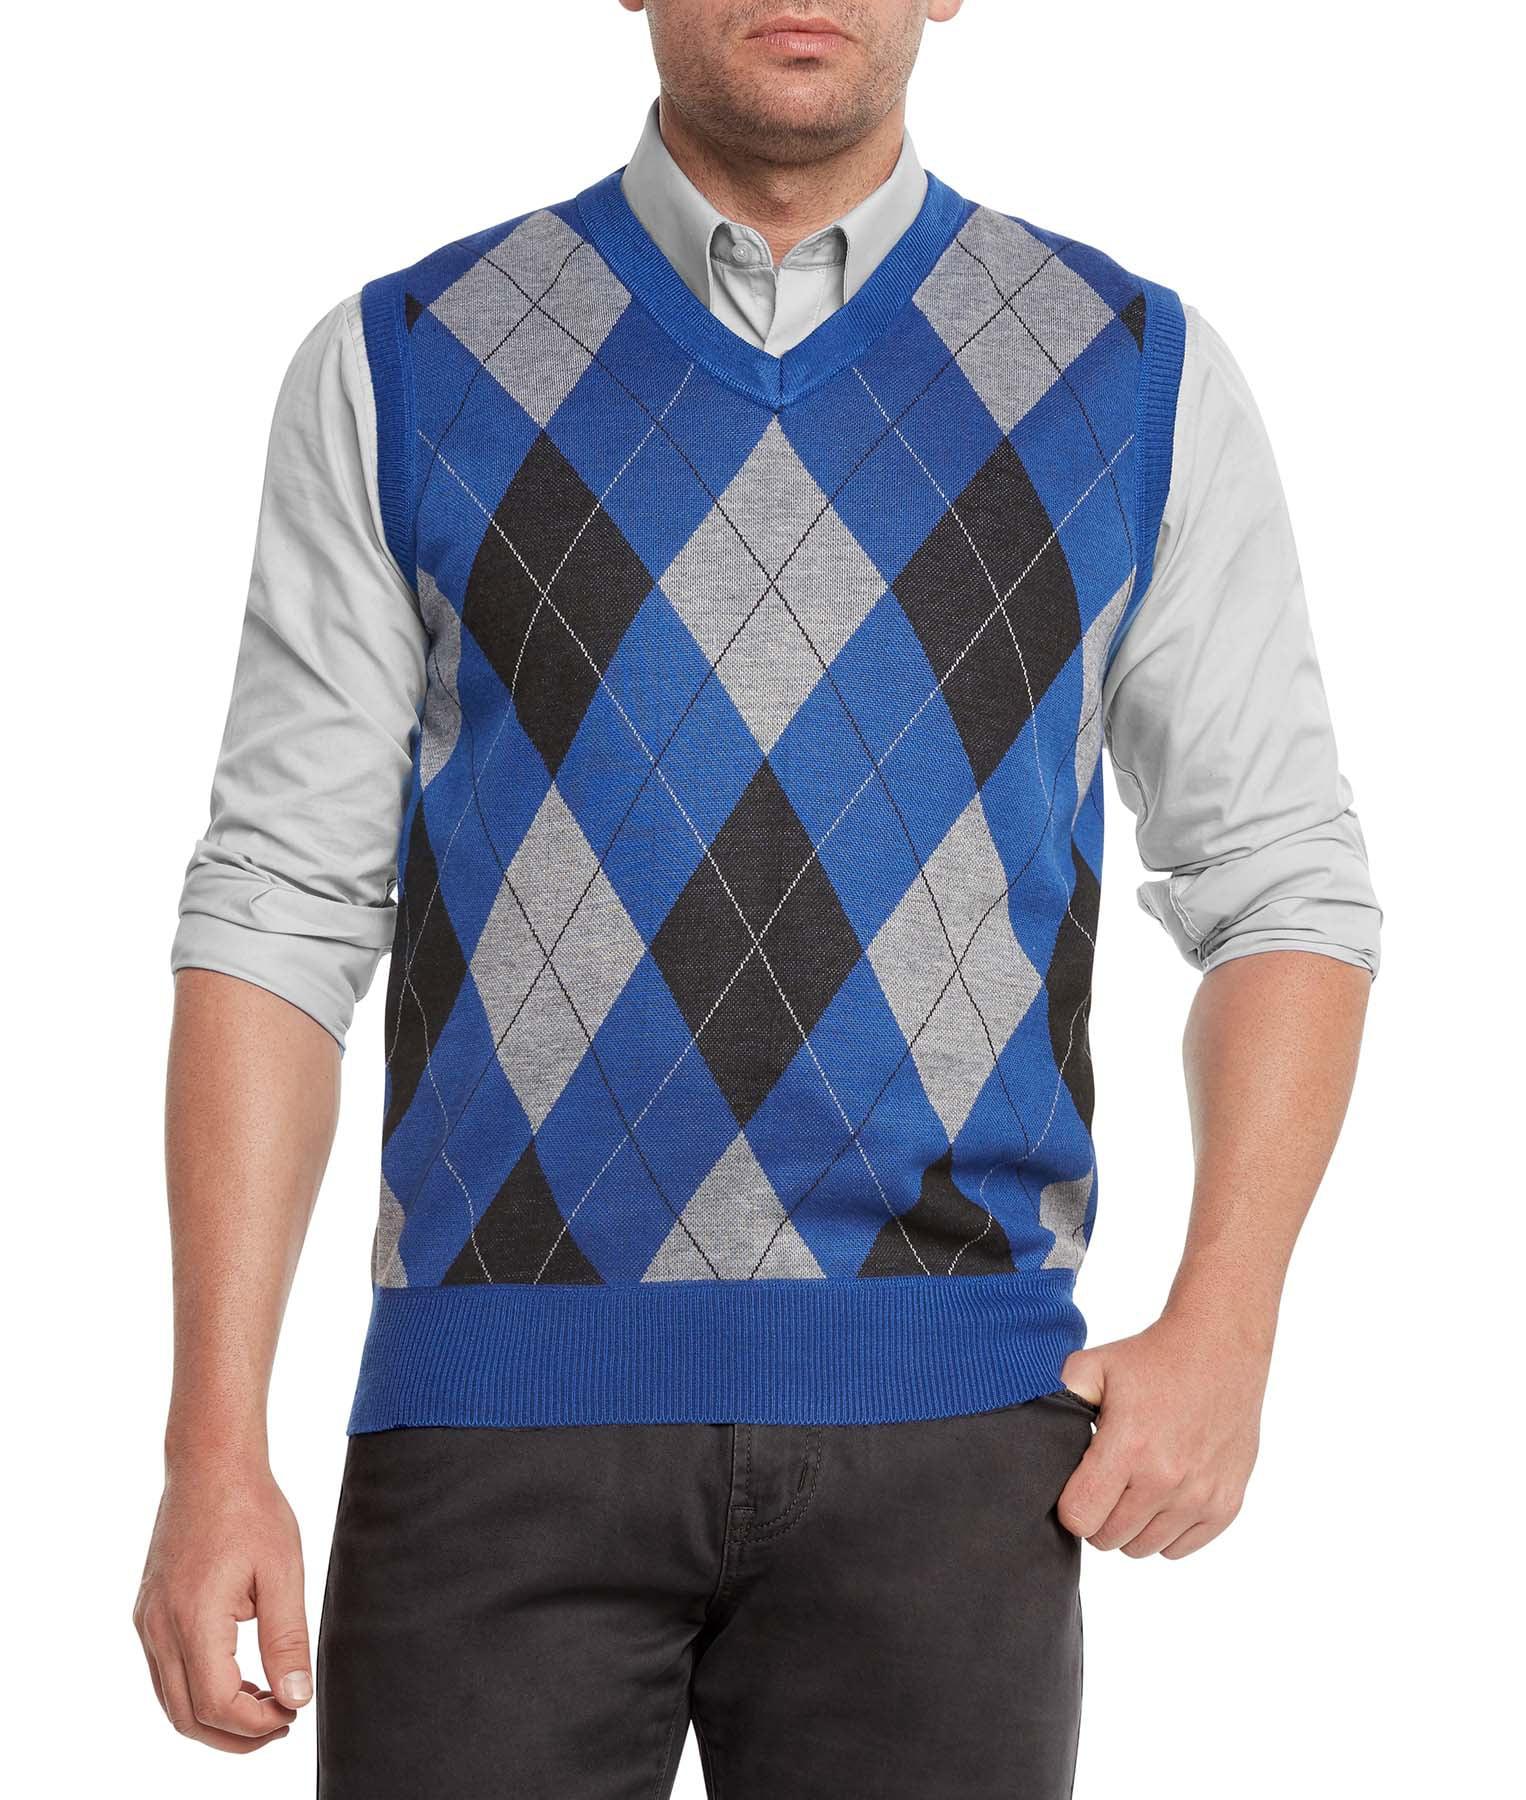 1ab422bc5 True Rock - True Rock Men s Athletic Cut Argyle V-Neck Sweater Vest ...